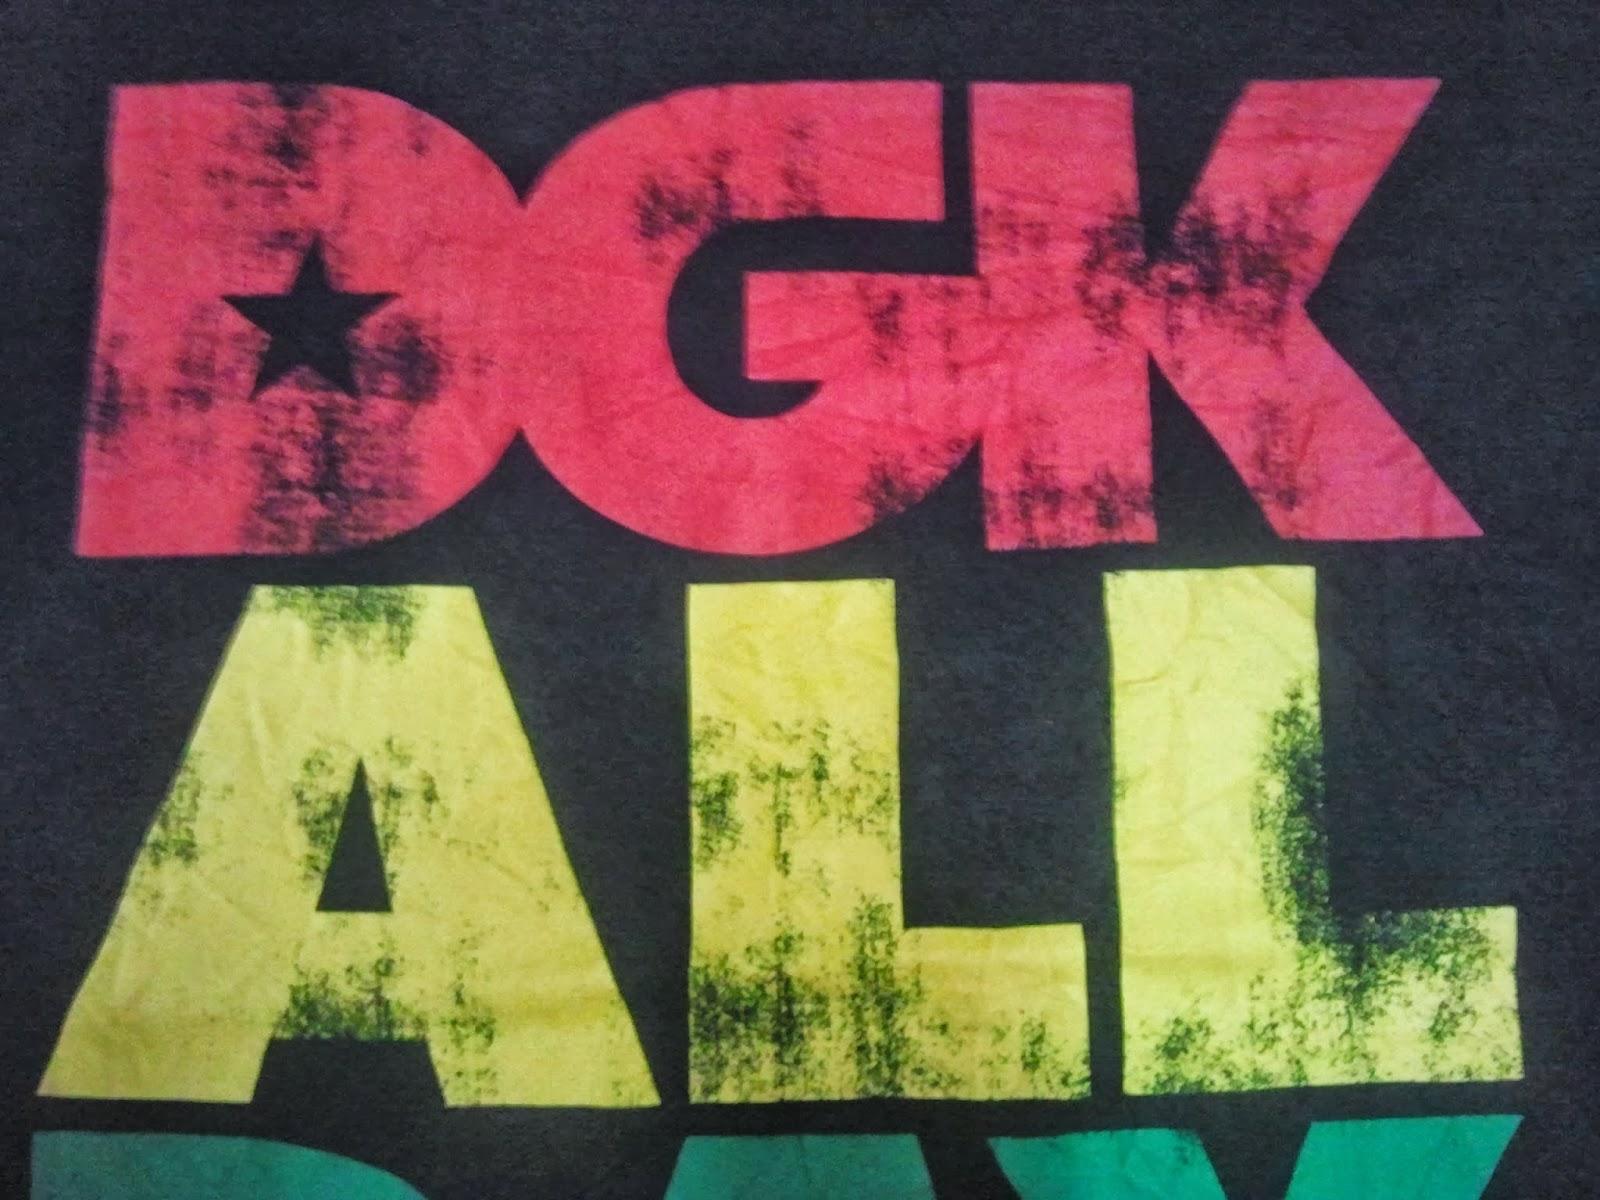 DGK Wallpaper Logo - WallpaperSafari